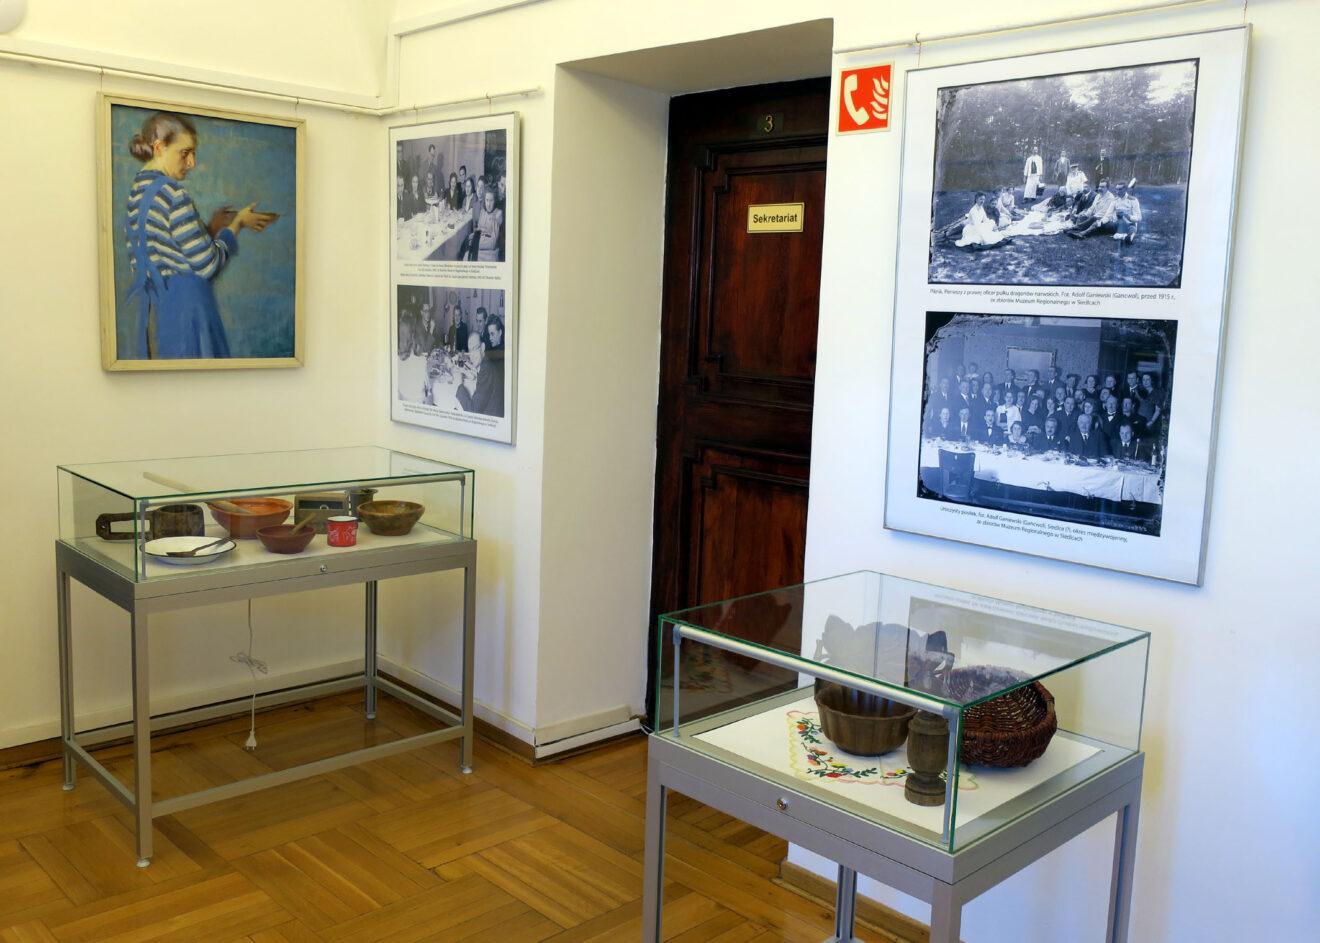 Fragment wystawy z obrazami, planszami ze zdjęciami i przedmiotami kuchennym w gablotach